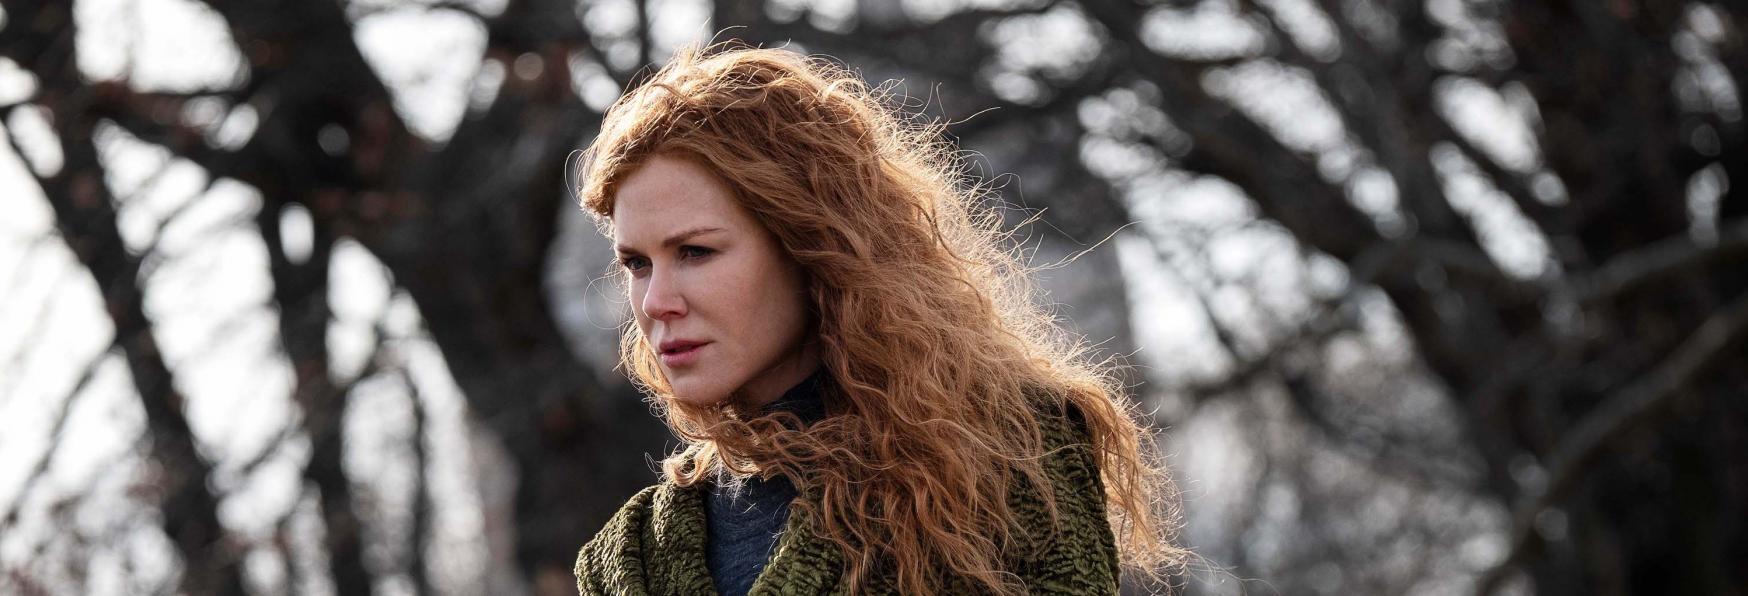 The Undoing: il Teaser Trailer della nuova Serie TV di HBO con Nicole Kidman e Hugh Grant